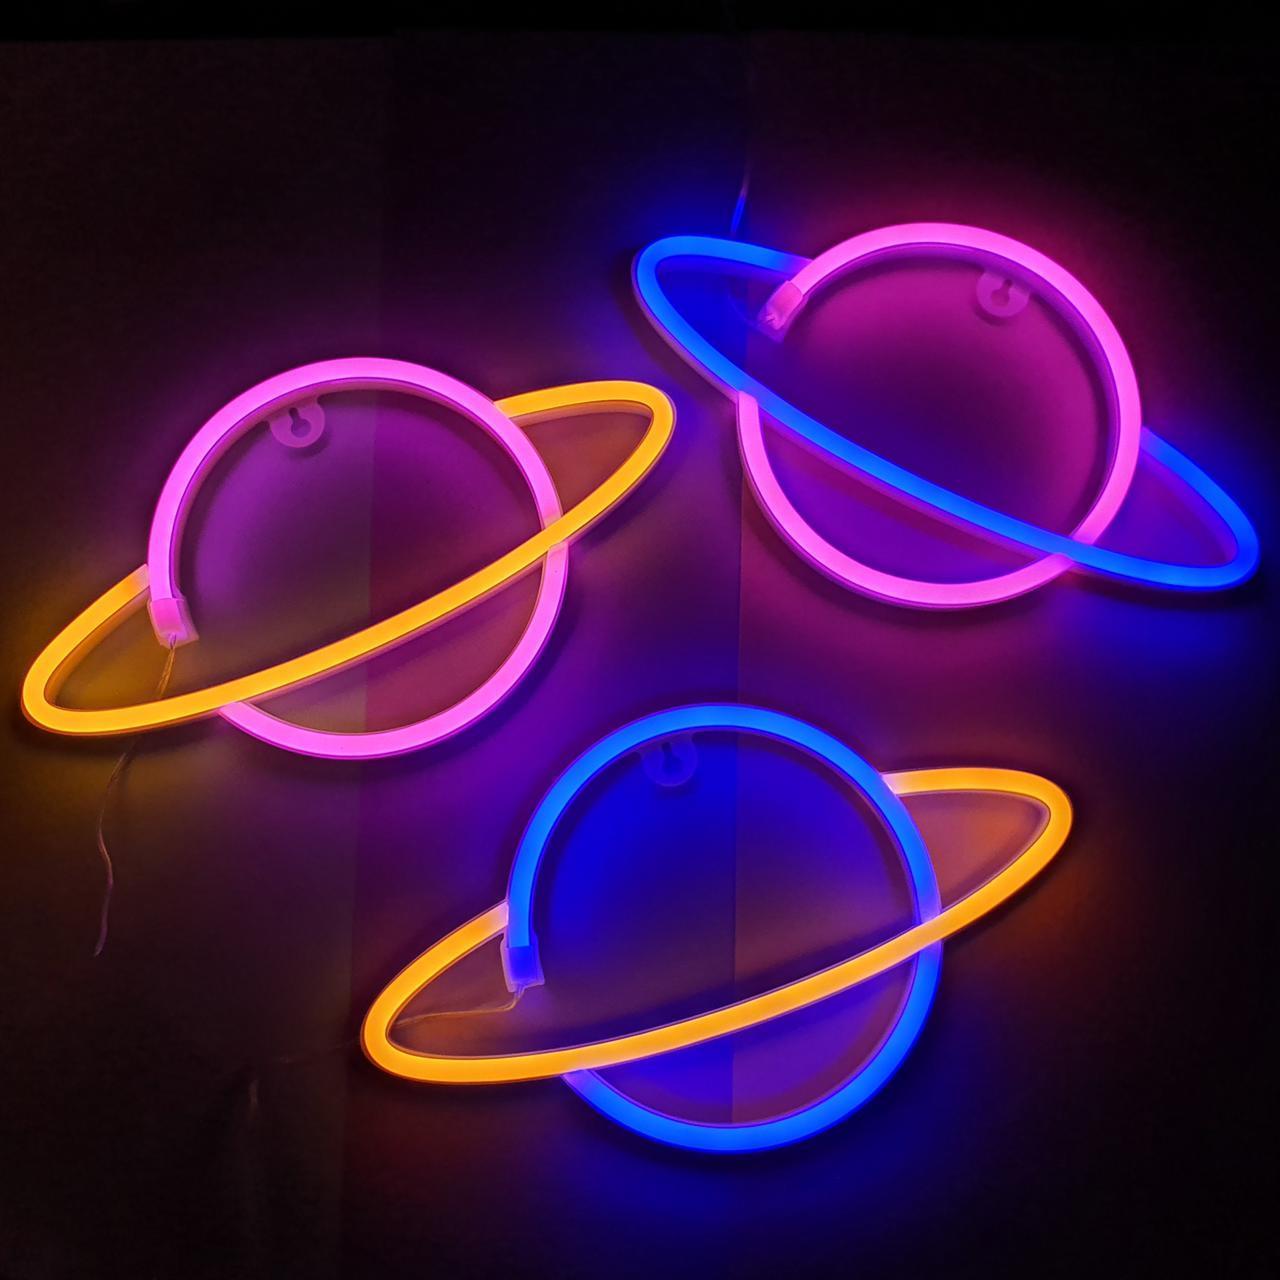 Креативные неоновые светильники (маленькие) - фото 6